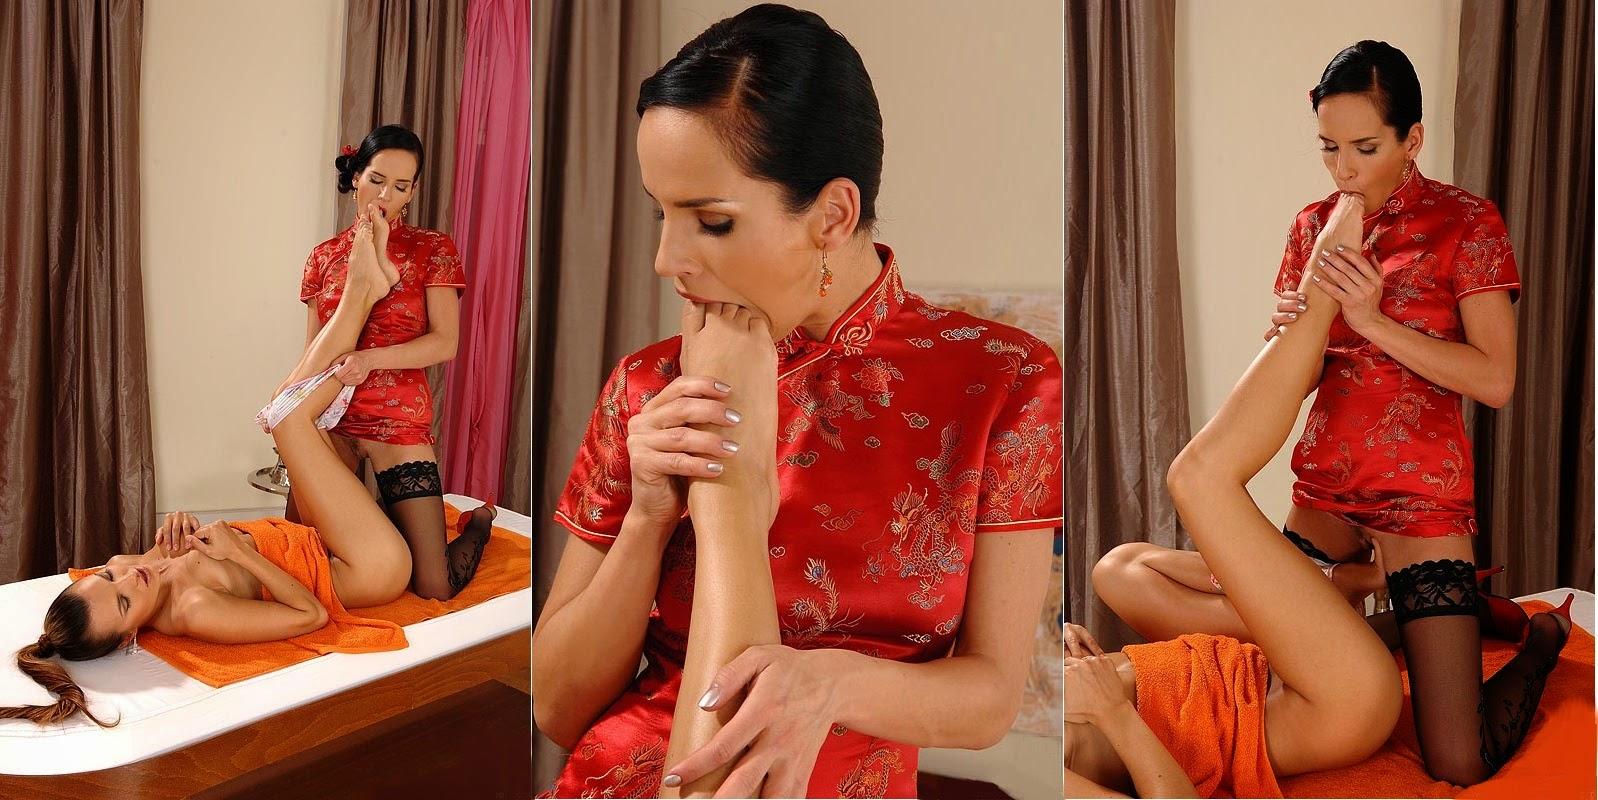 giochi erotici con cibo massaggiatrici troie